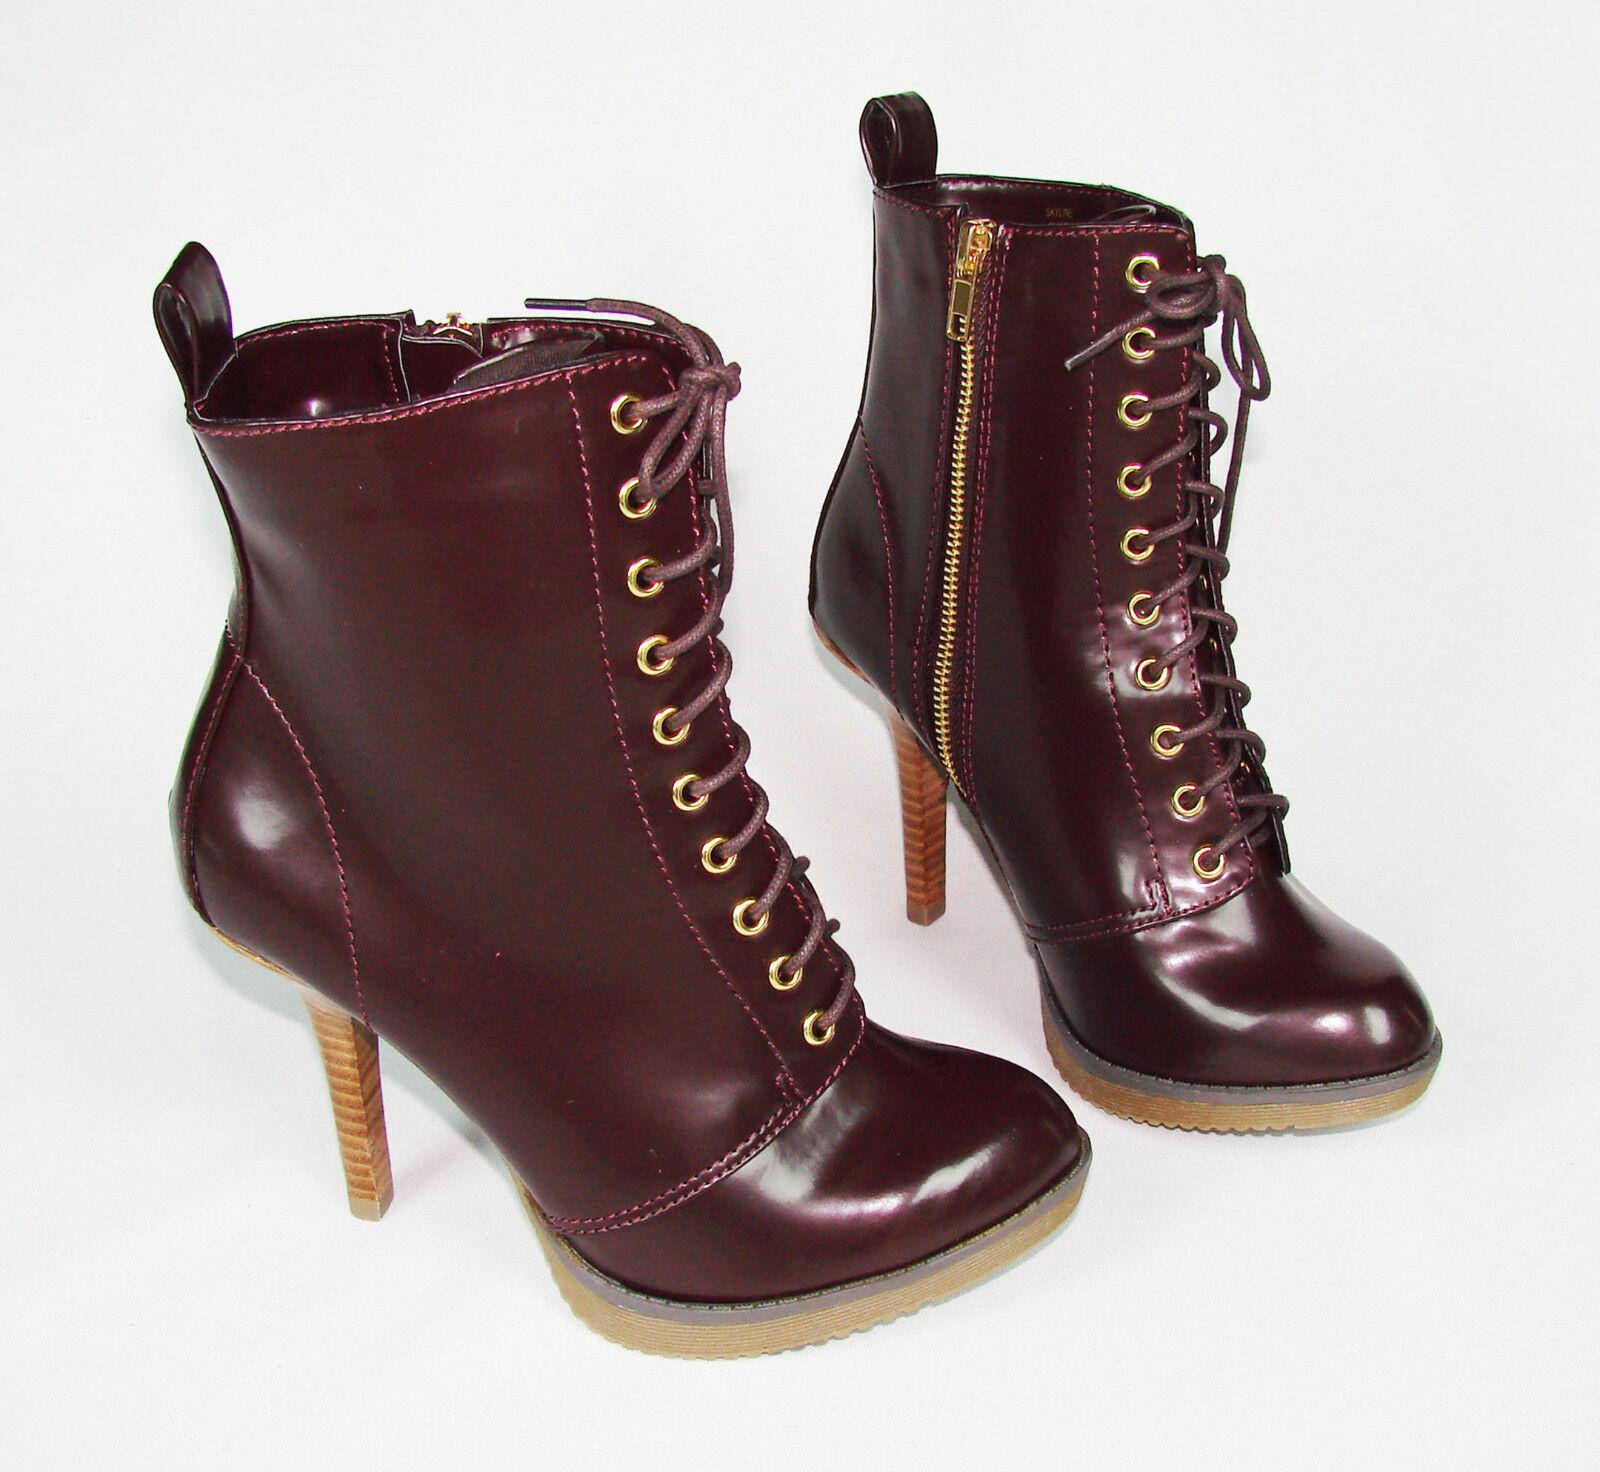 Size: 7 High Heel Combat Ankle Platform Boot Booties Zip Up Stiletto Almond Toe